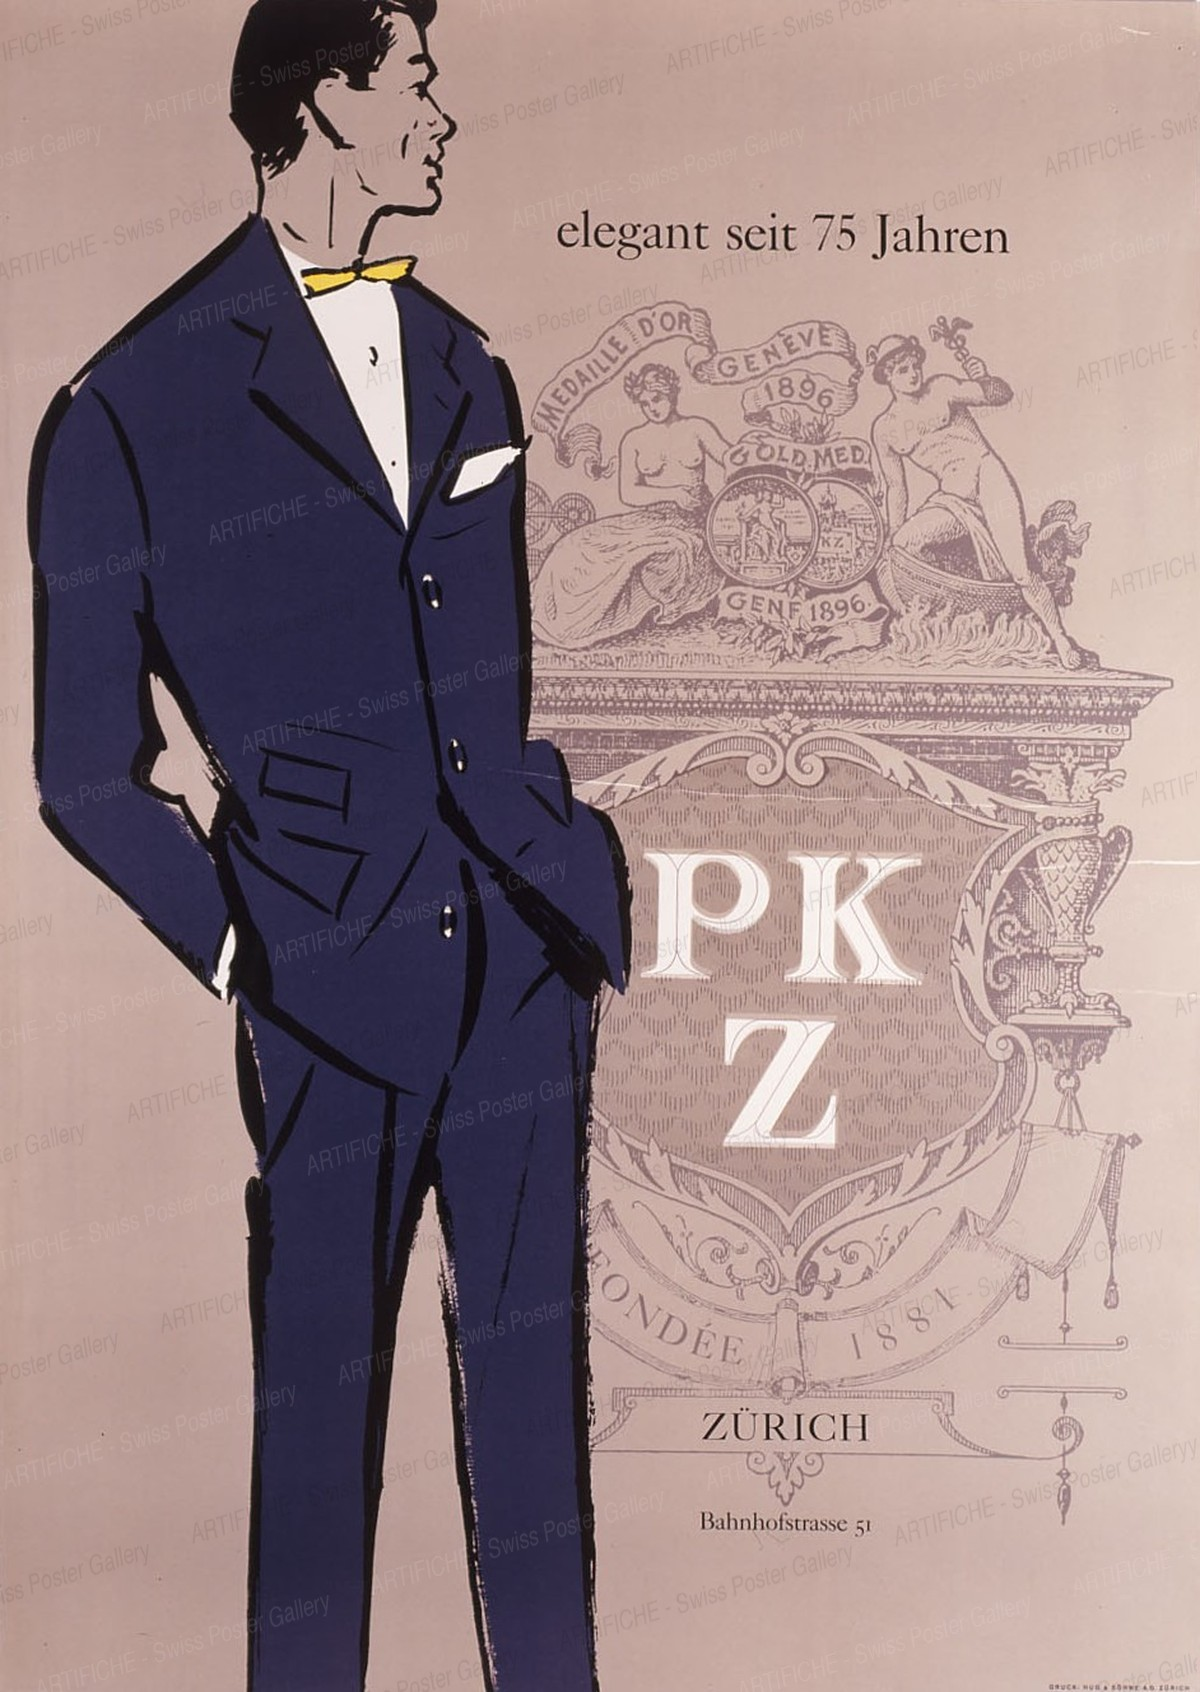 PKZ – elegant seit 75 Jahren – Zürich Bahnhofstrasse, Artist unknown